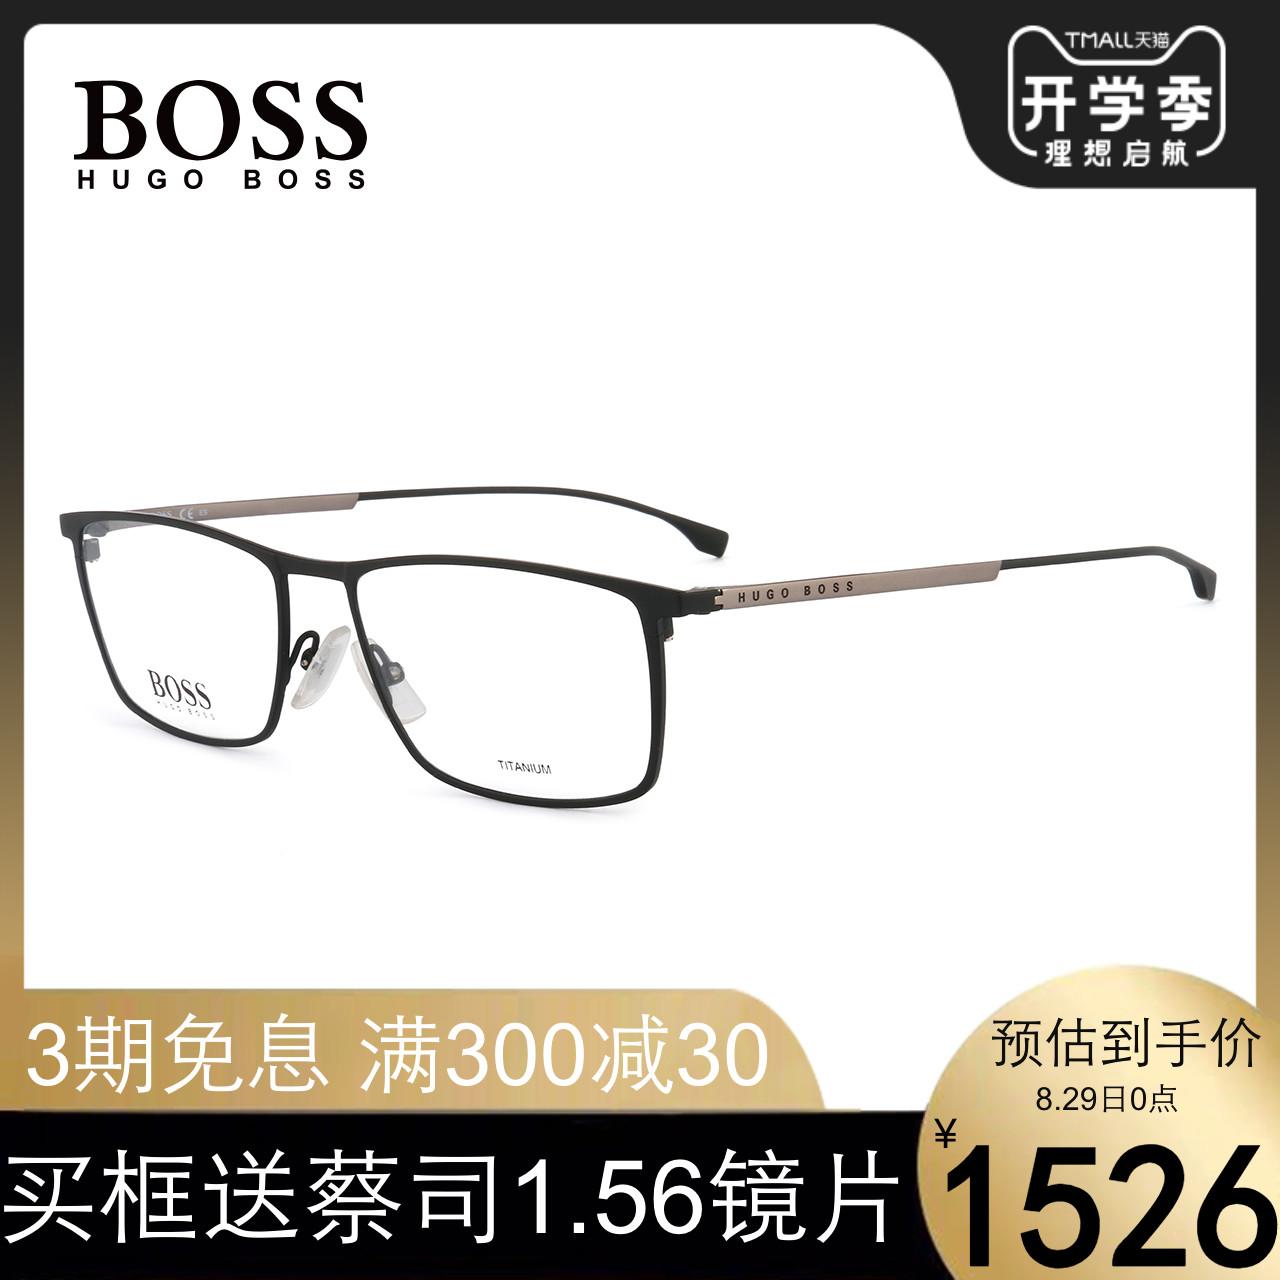 HUGO BOSS眼镜框男士钛合金镜架商务全框大脸超轻近视眼镜框0976